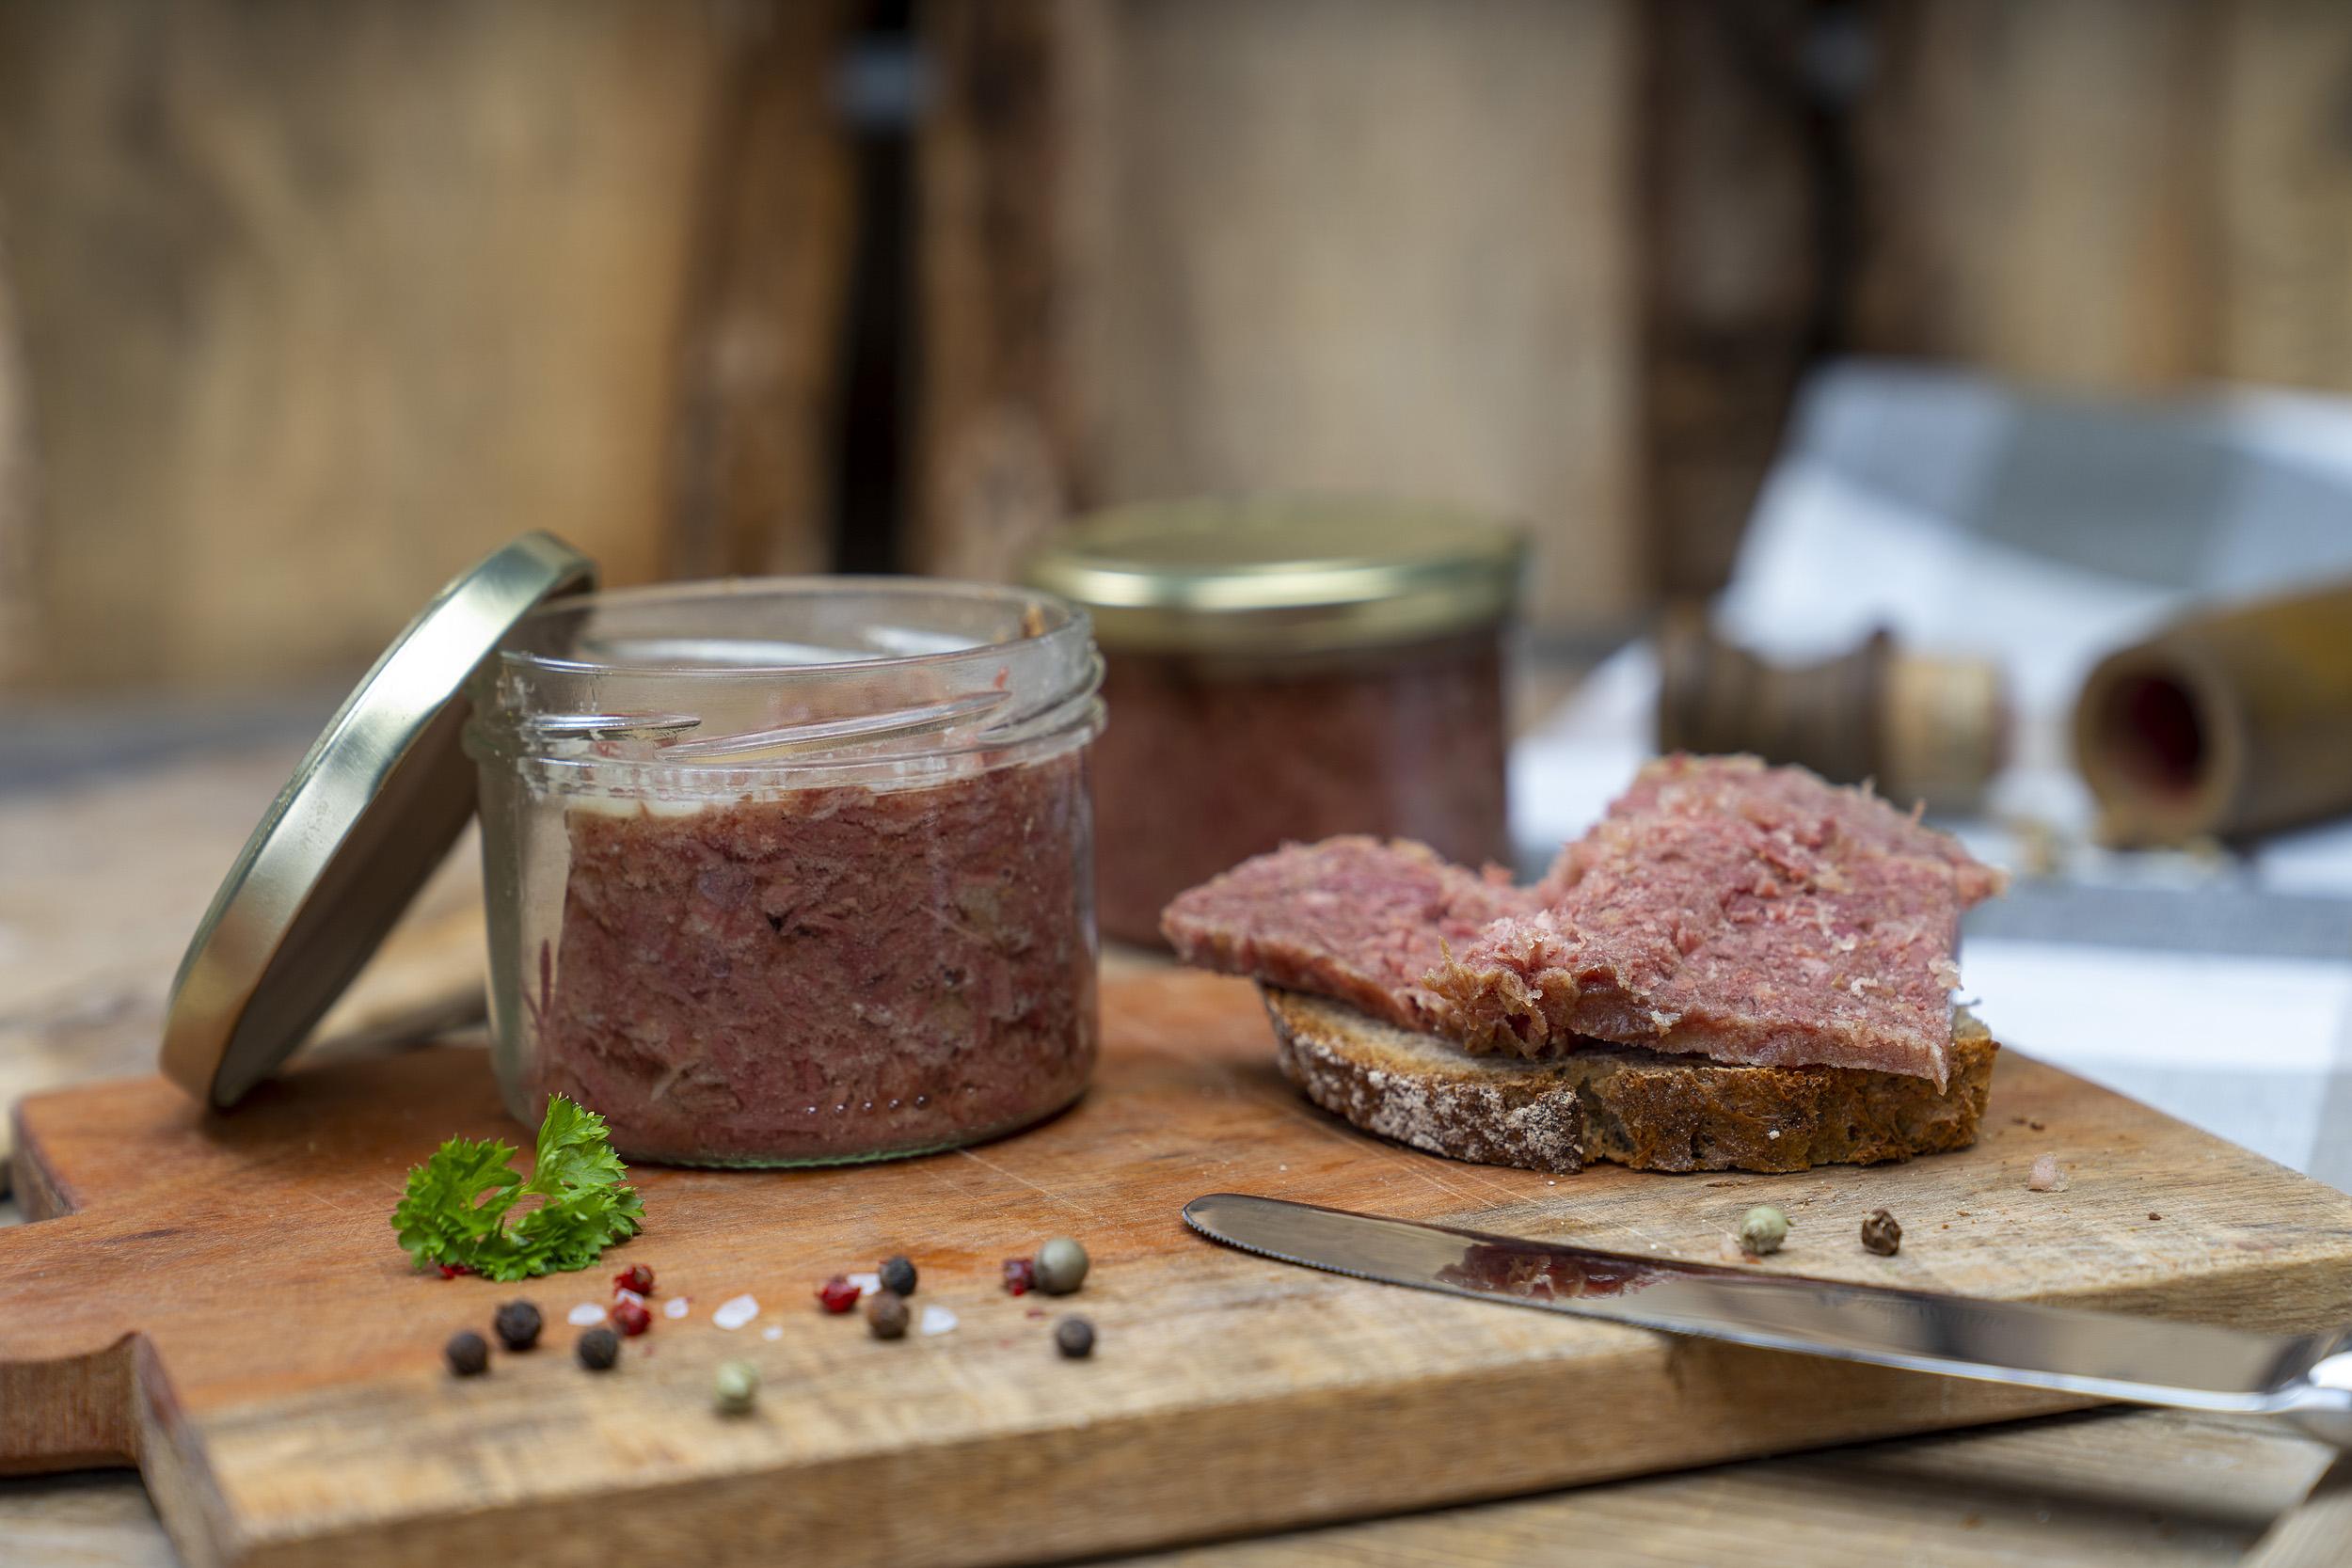 Auf einem Brett ein Glas Corned beef. Daneben ein geschmiertes Brot mit Corned beef. Daneben Gewürze, Kräuter und ein Messer. Im Hintergrund ein weiteres Glas.